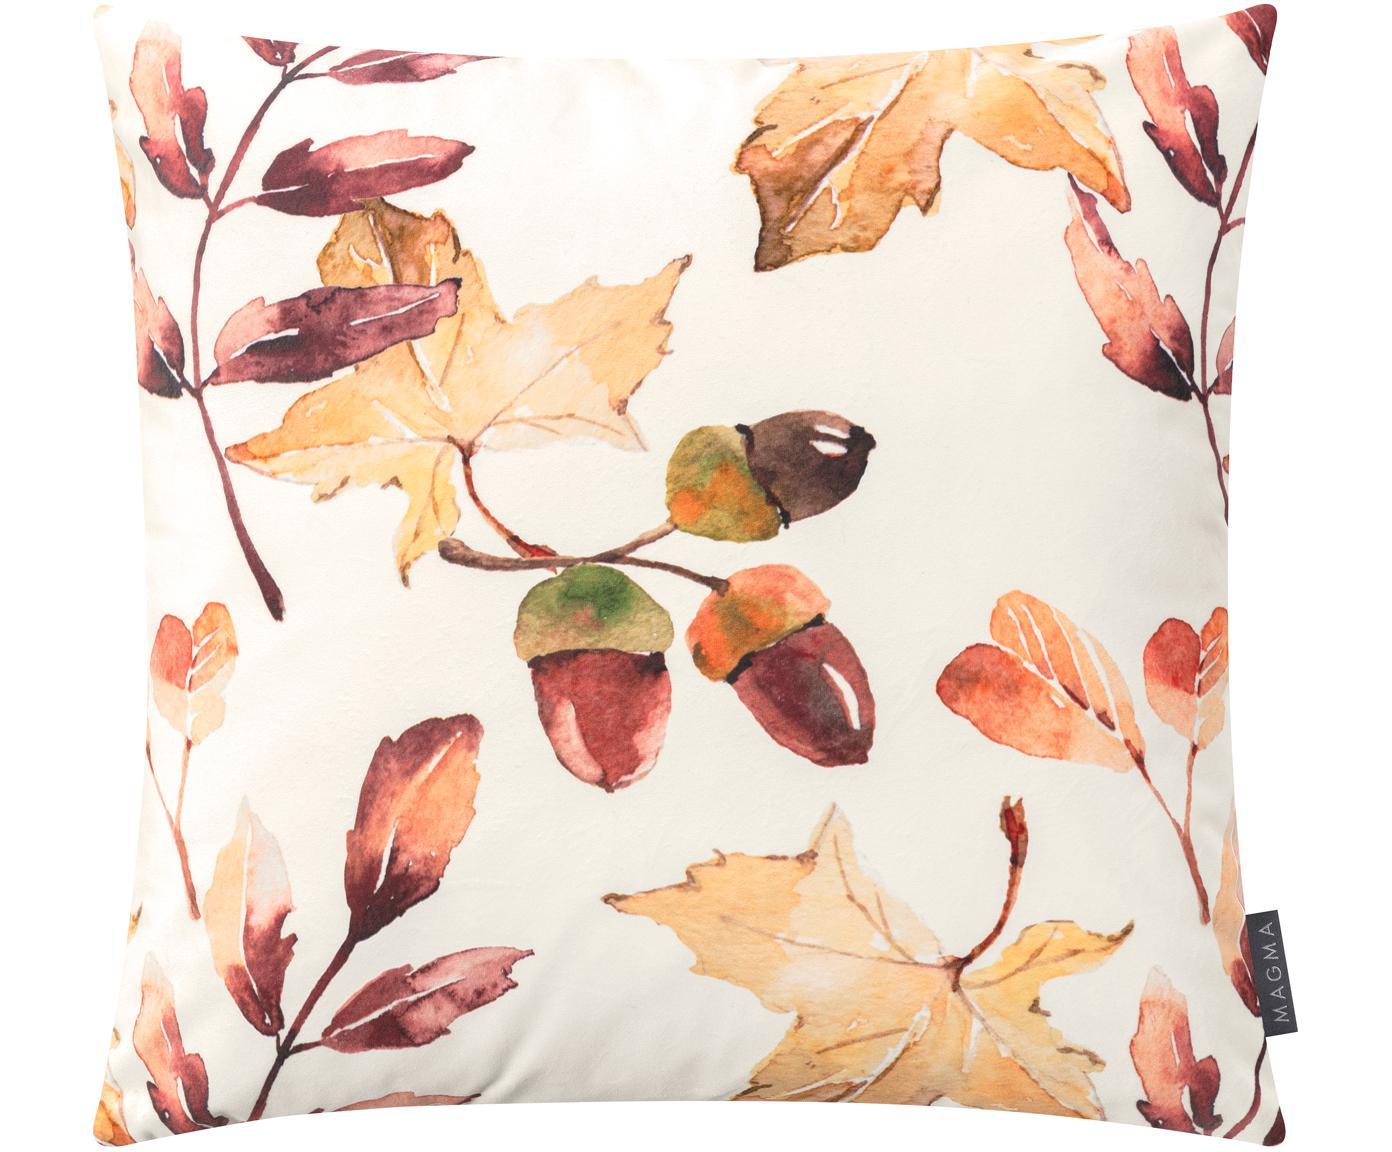 Dwustronna poszewka na poduszkę z aksamitu Eichel, Aksamit poliestrowy, Kremowy, czerwony- i odcienie brązowego, S 50 x D 50 cm